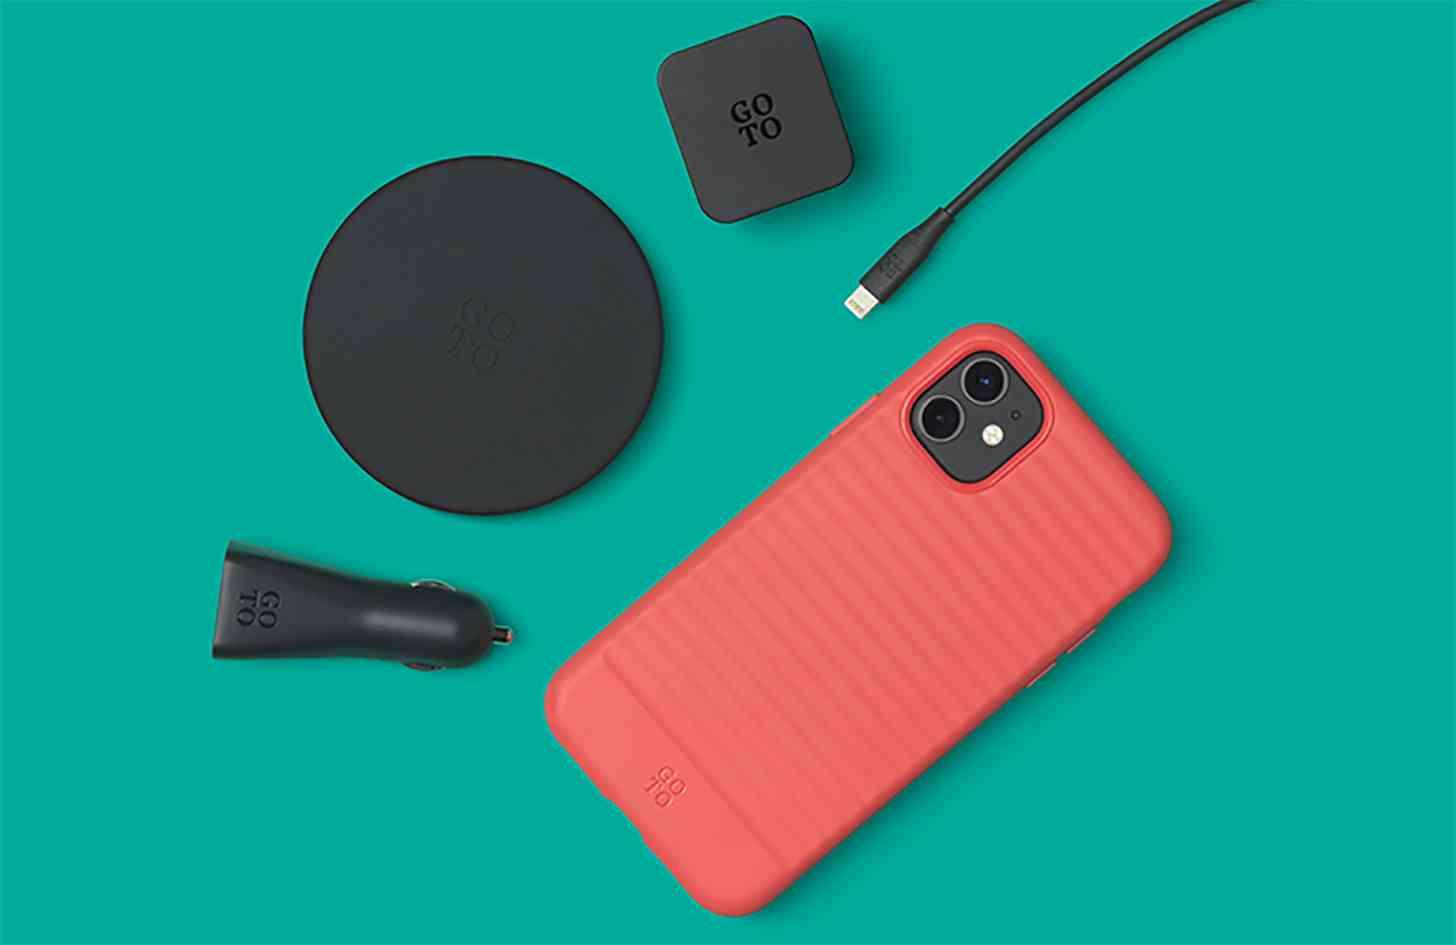 T-Mobile GoTo accessories